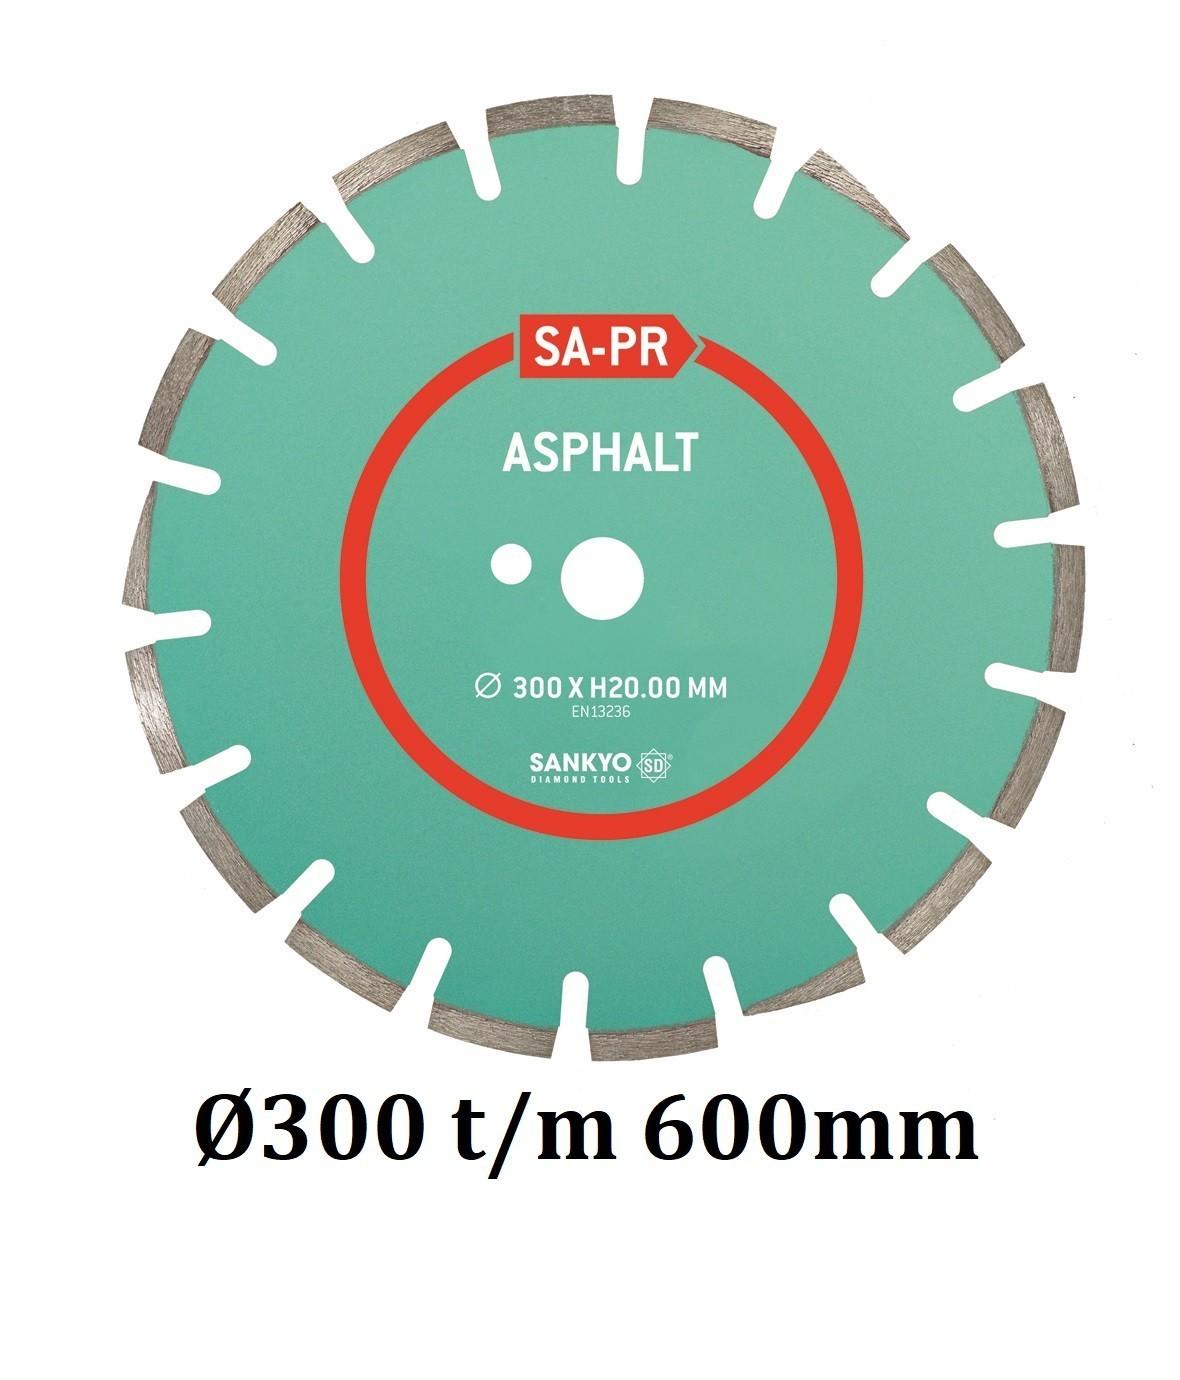 Sankyo diamantzaag Asfalt SA-PR